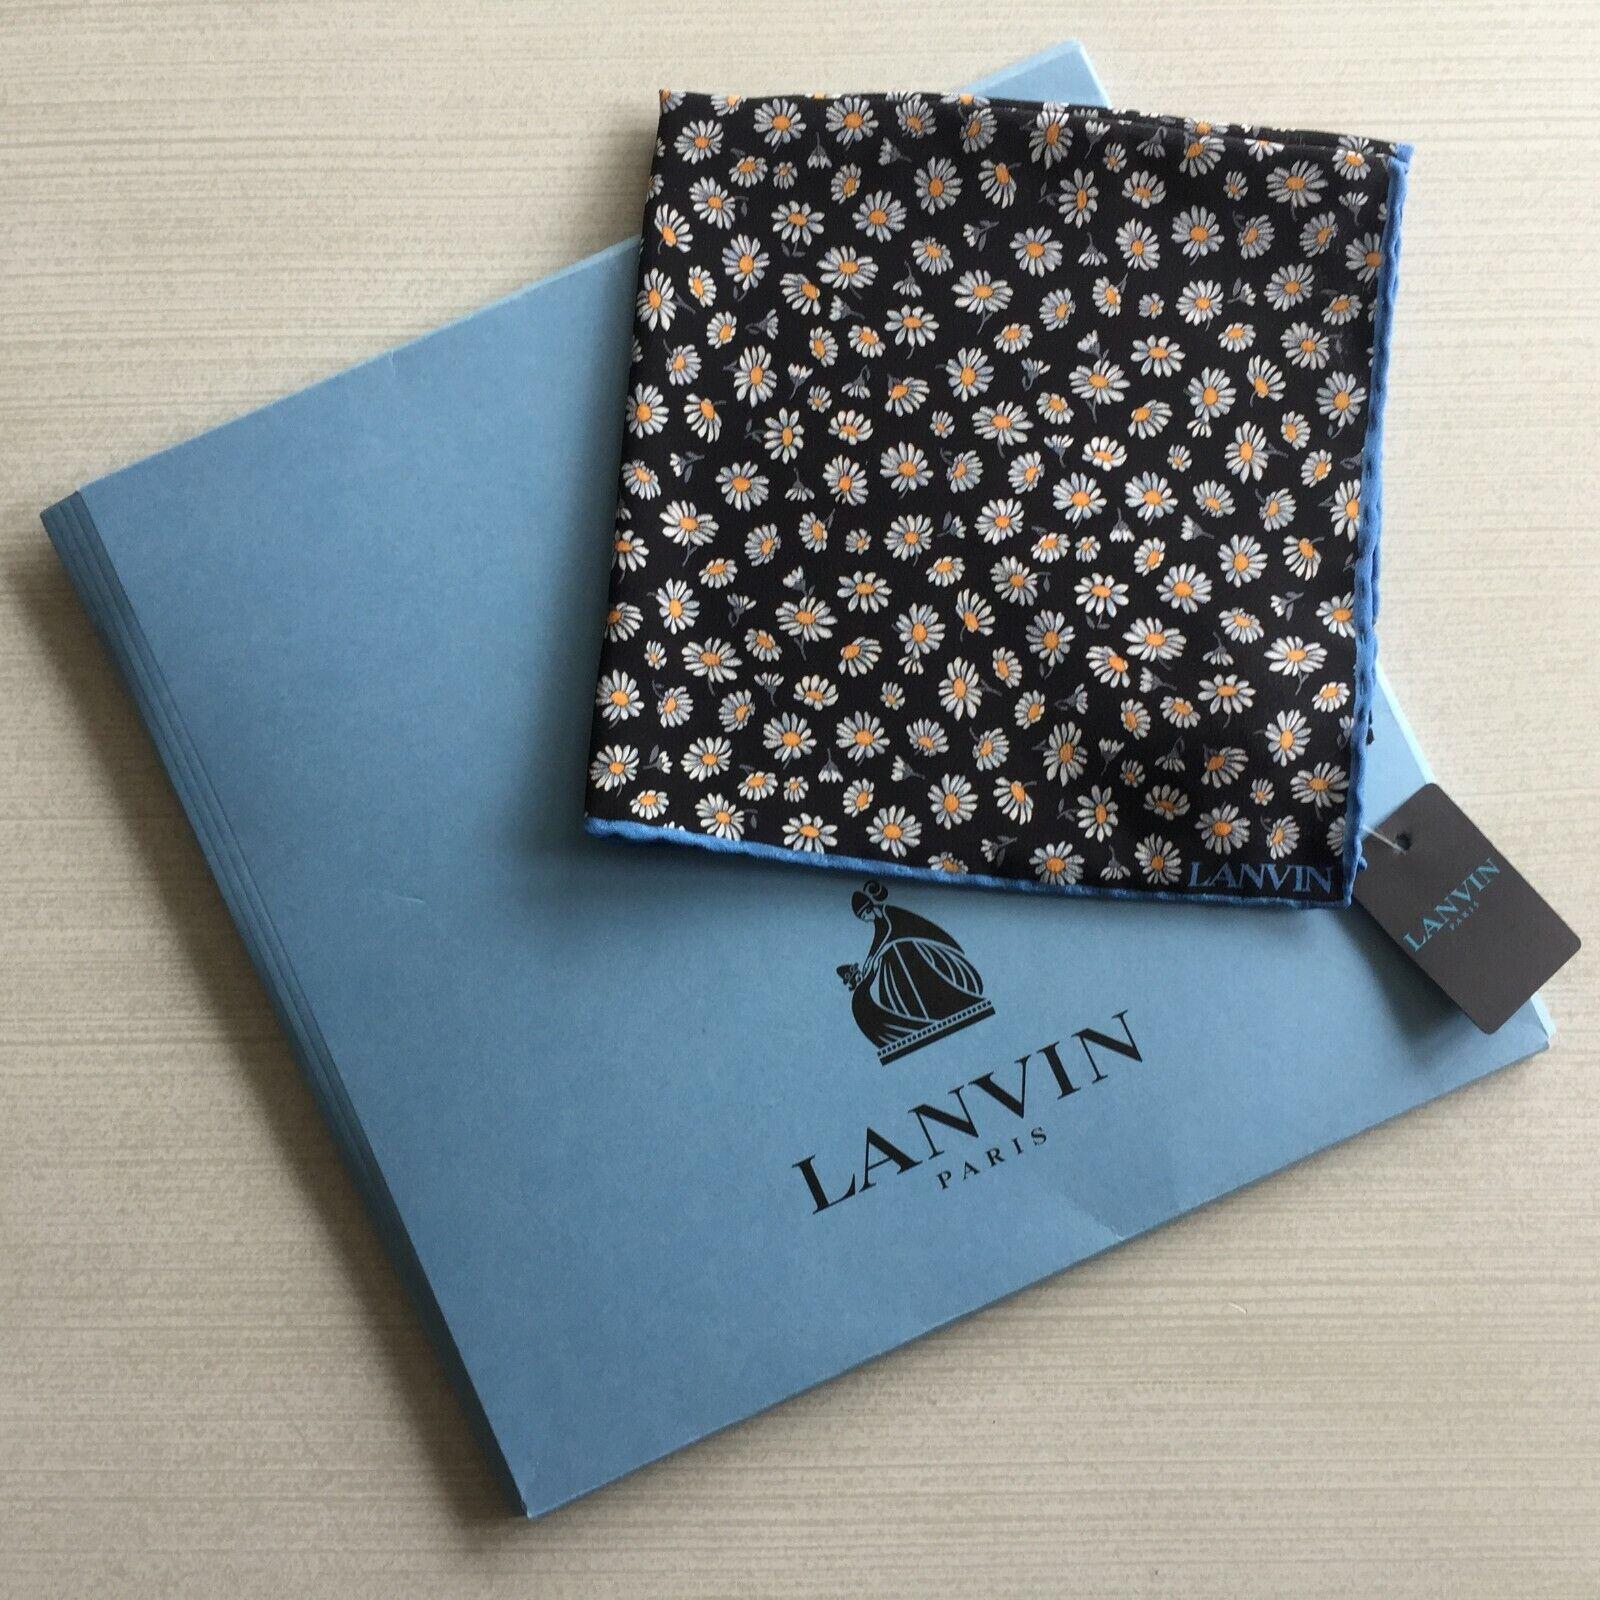 Lanvin Blumenmuster Seide Einstecktuch mit Logo Geschenk Arm Hergestellt IN BNWT